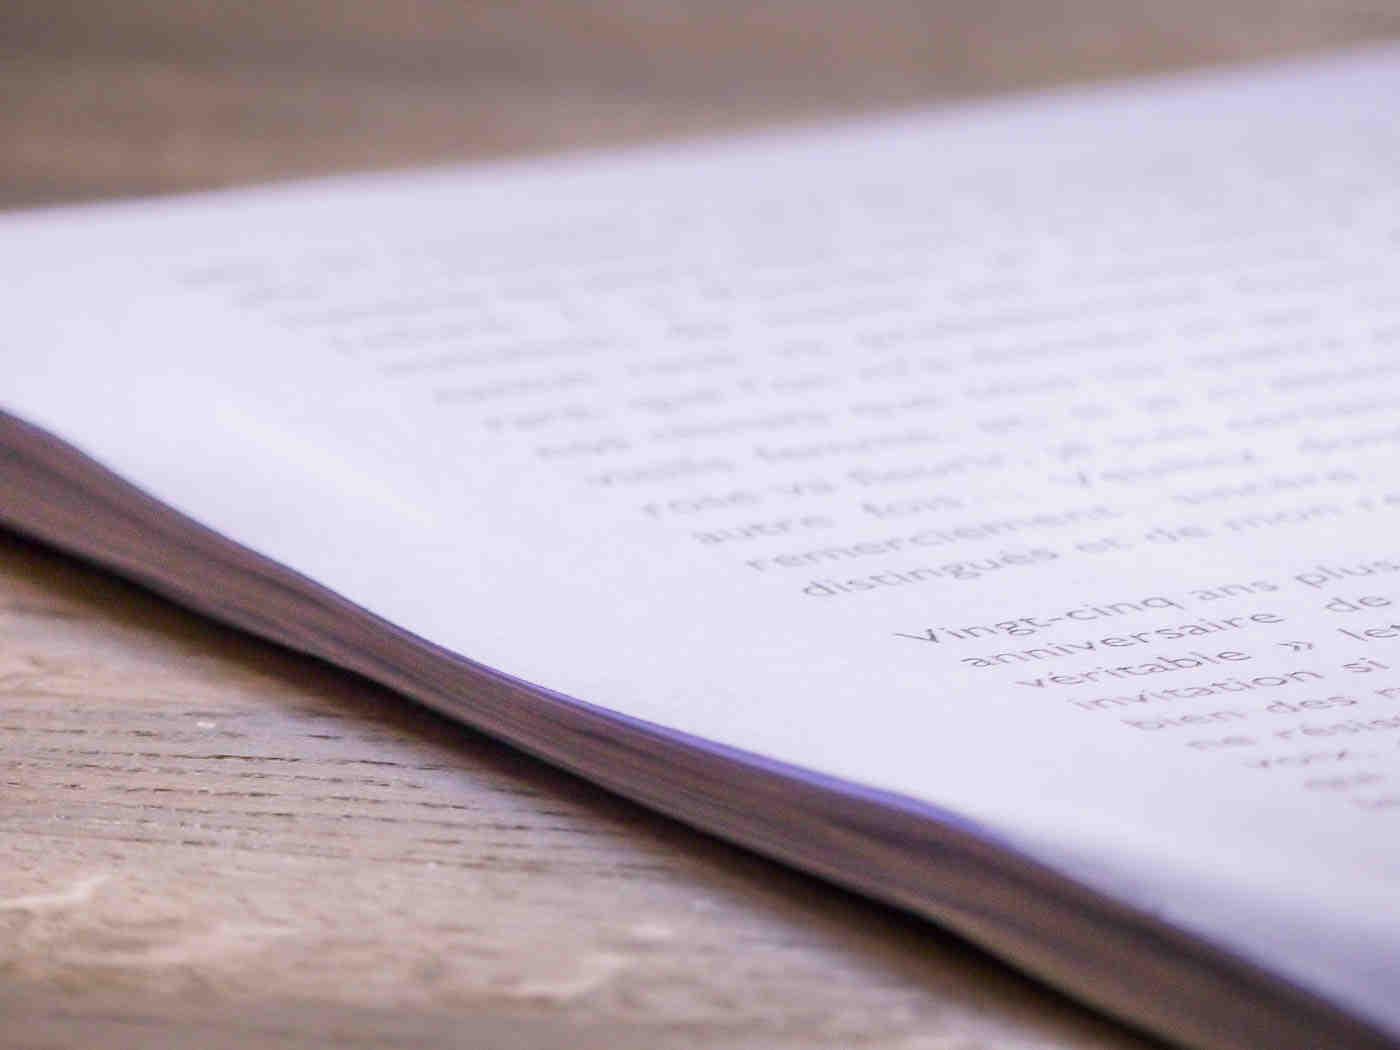 Comment présenter un livre à un éditeur?